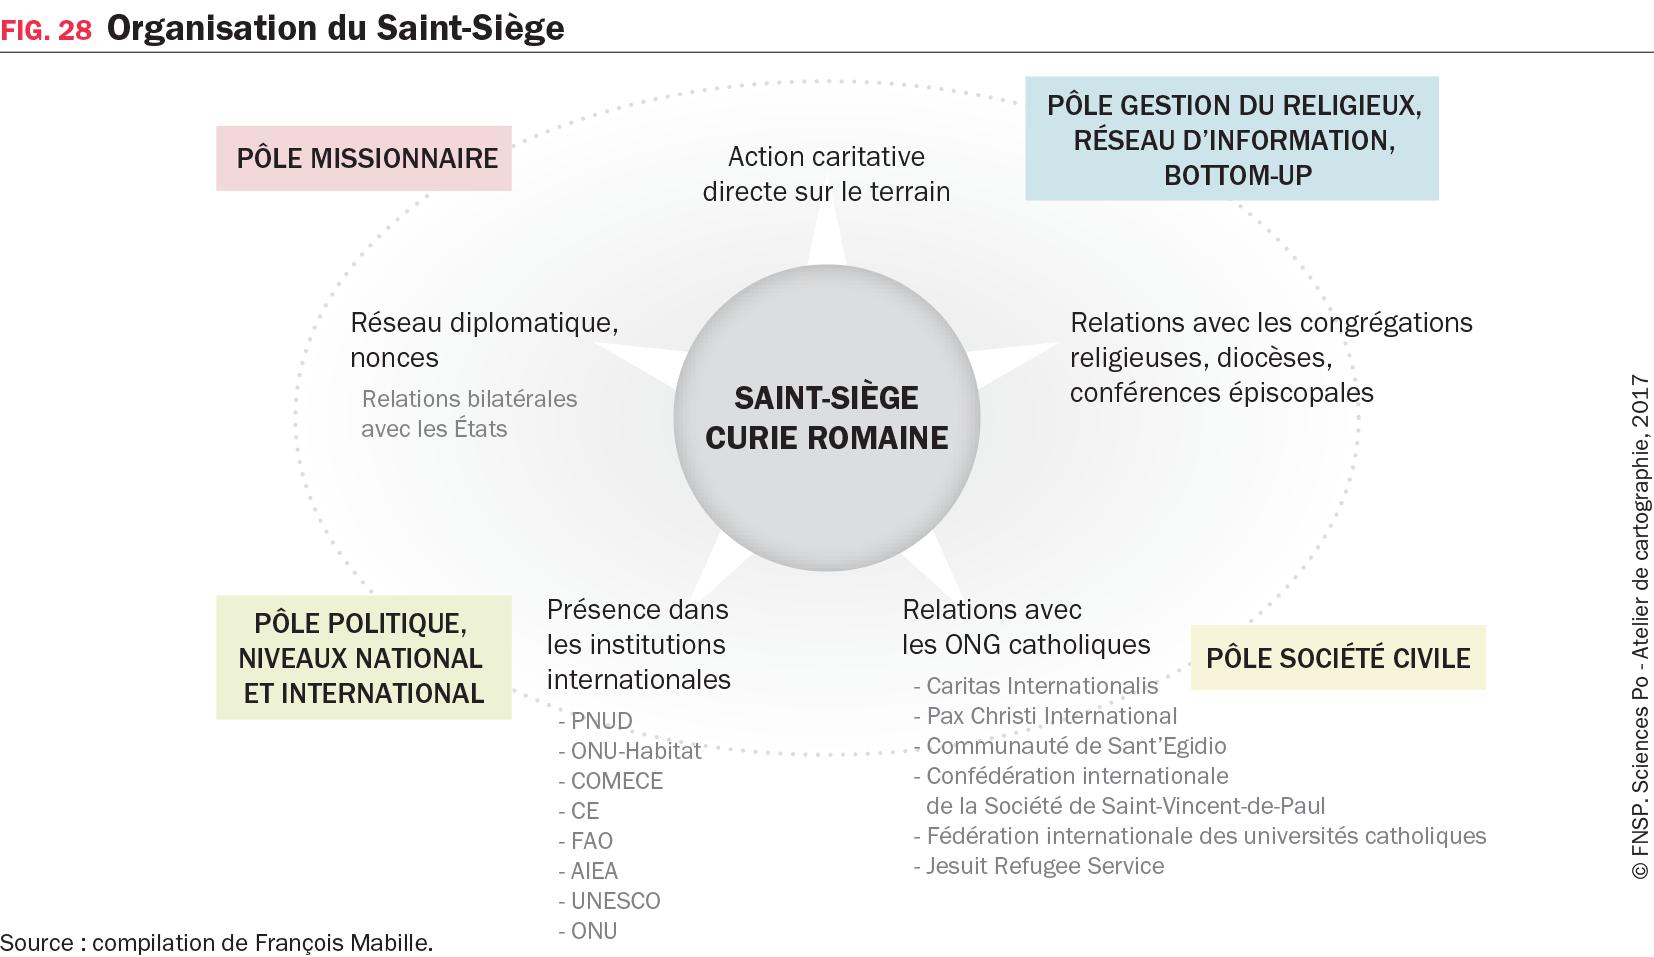 Graphique : Organisation du Saint-Siège